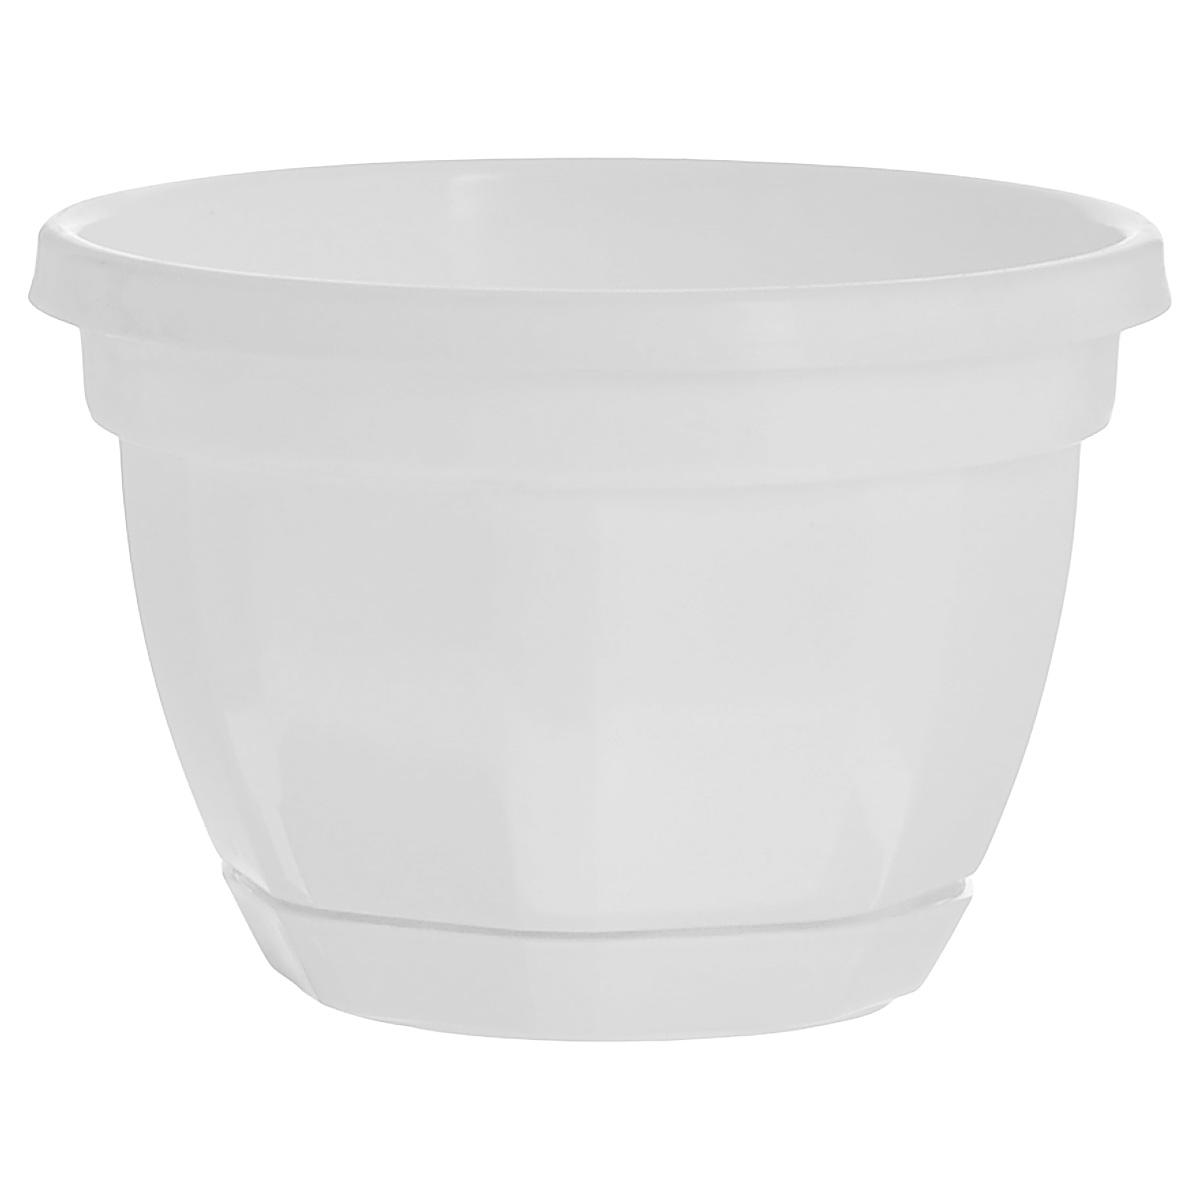 цена на Кашпо Инстар Ника, с поддоном, цвет: белый, диаметр 15 см